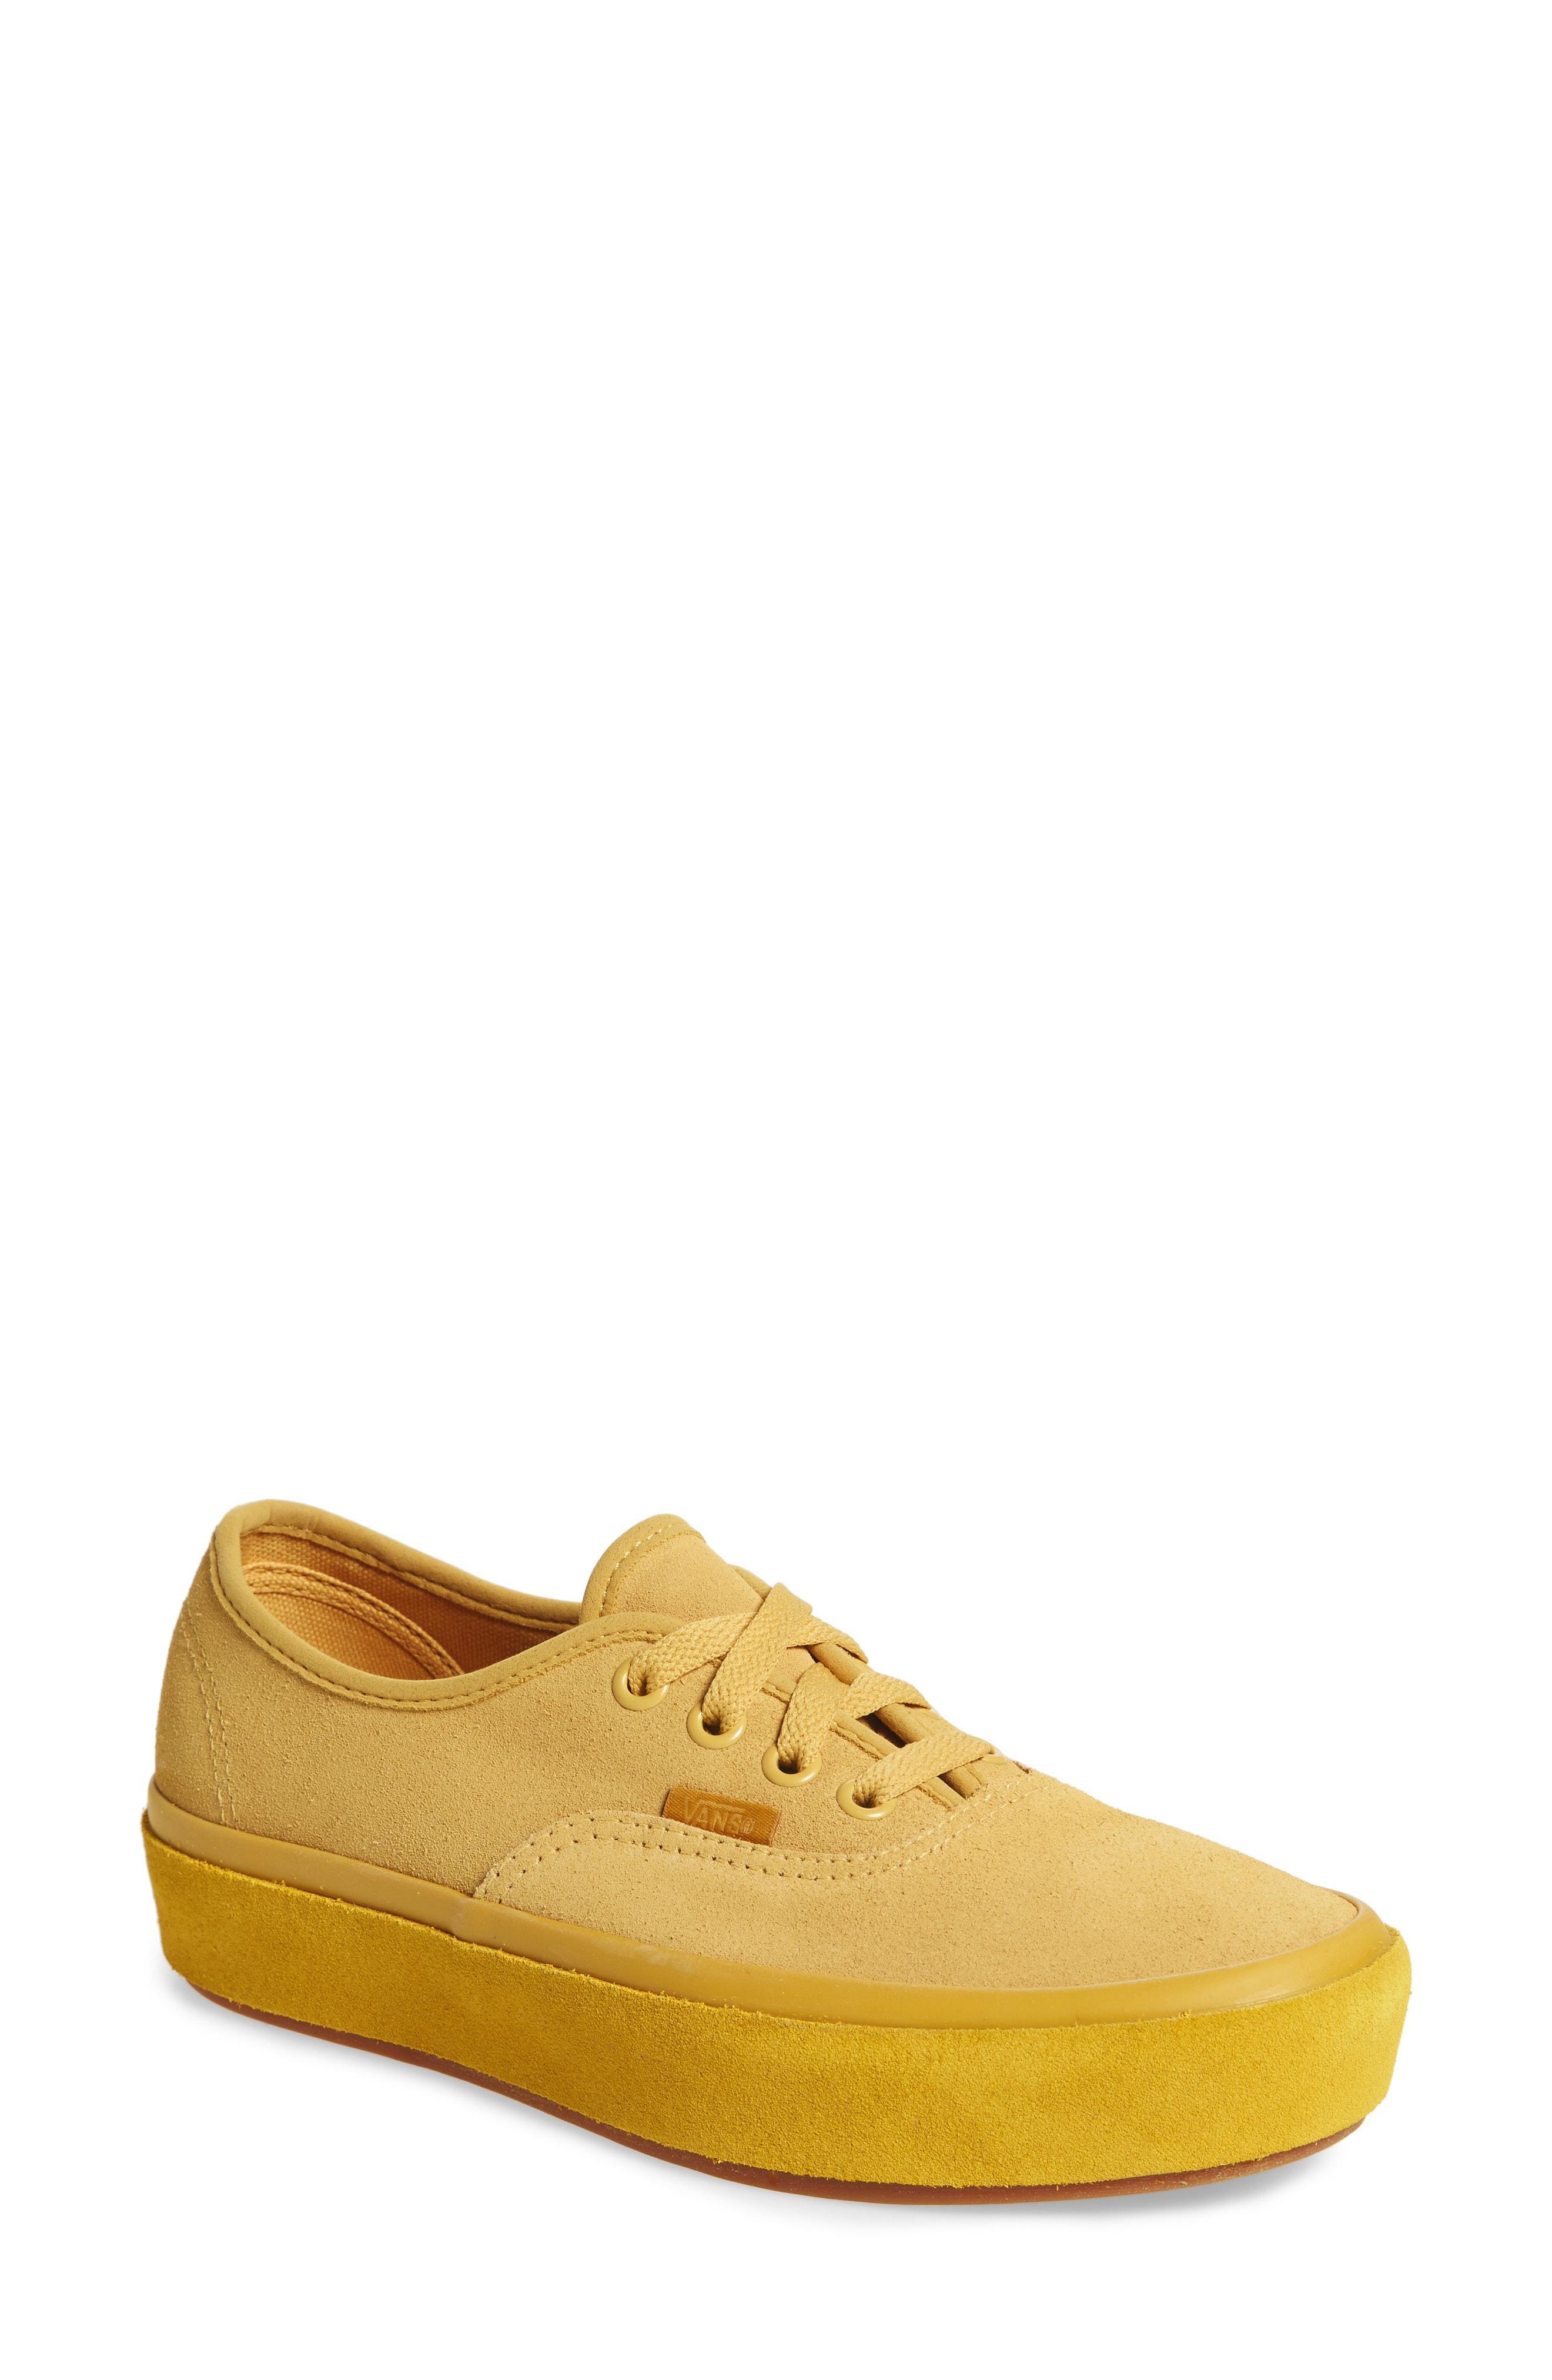 ba9d5c0ec274 Vans  Authentic  Platform Sneaker In Ochre  Tawny Olive